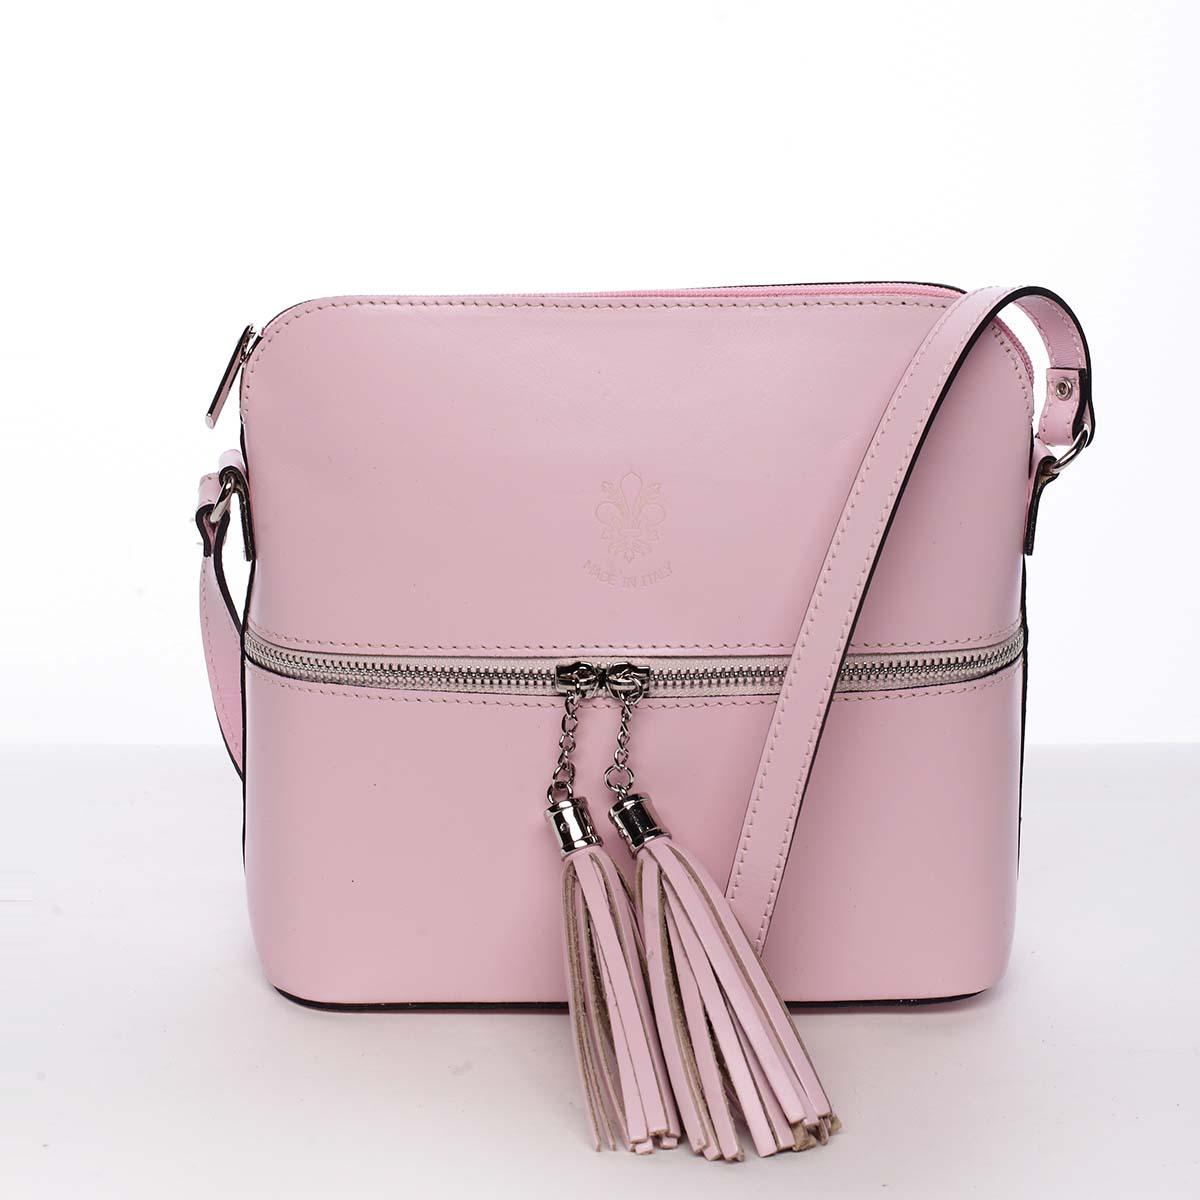 Módna dámska kožená crossbody kabelka ružová - ItalY Farzana